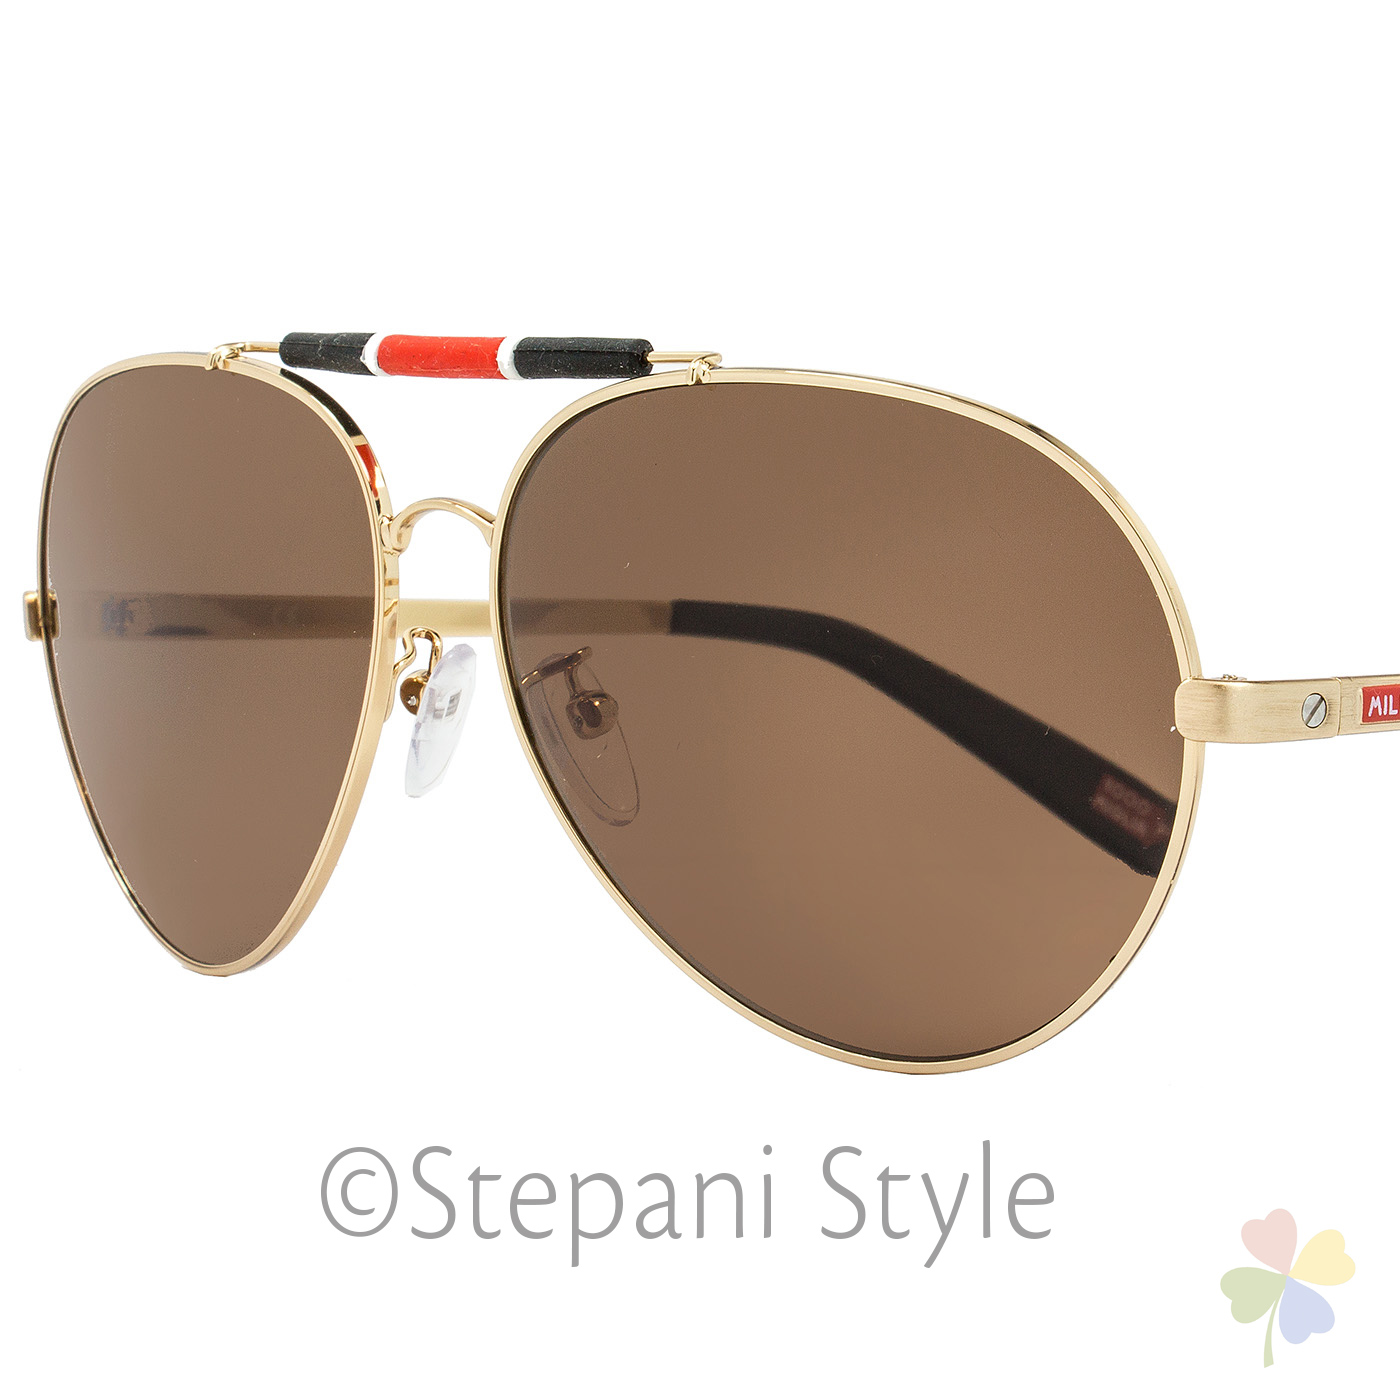 Gold And Black Aviator Sunglasses  mille miglia by chopard aviator sunglasses smma09 h16p gold black